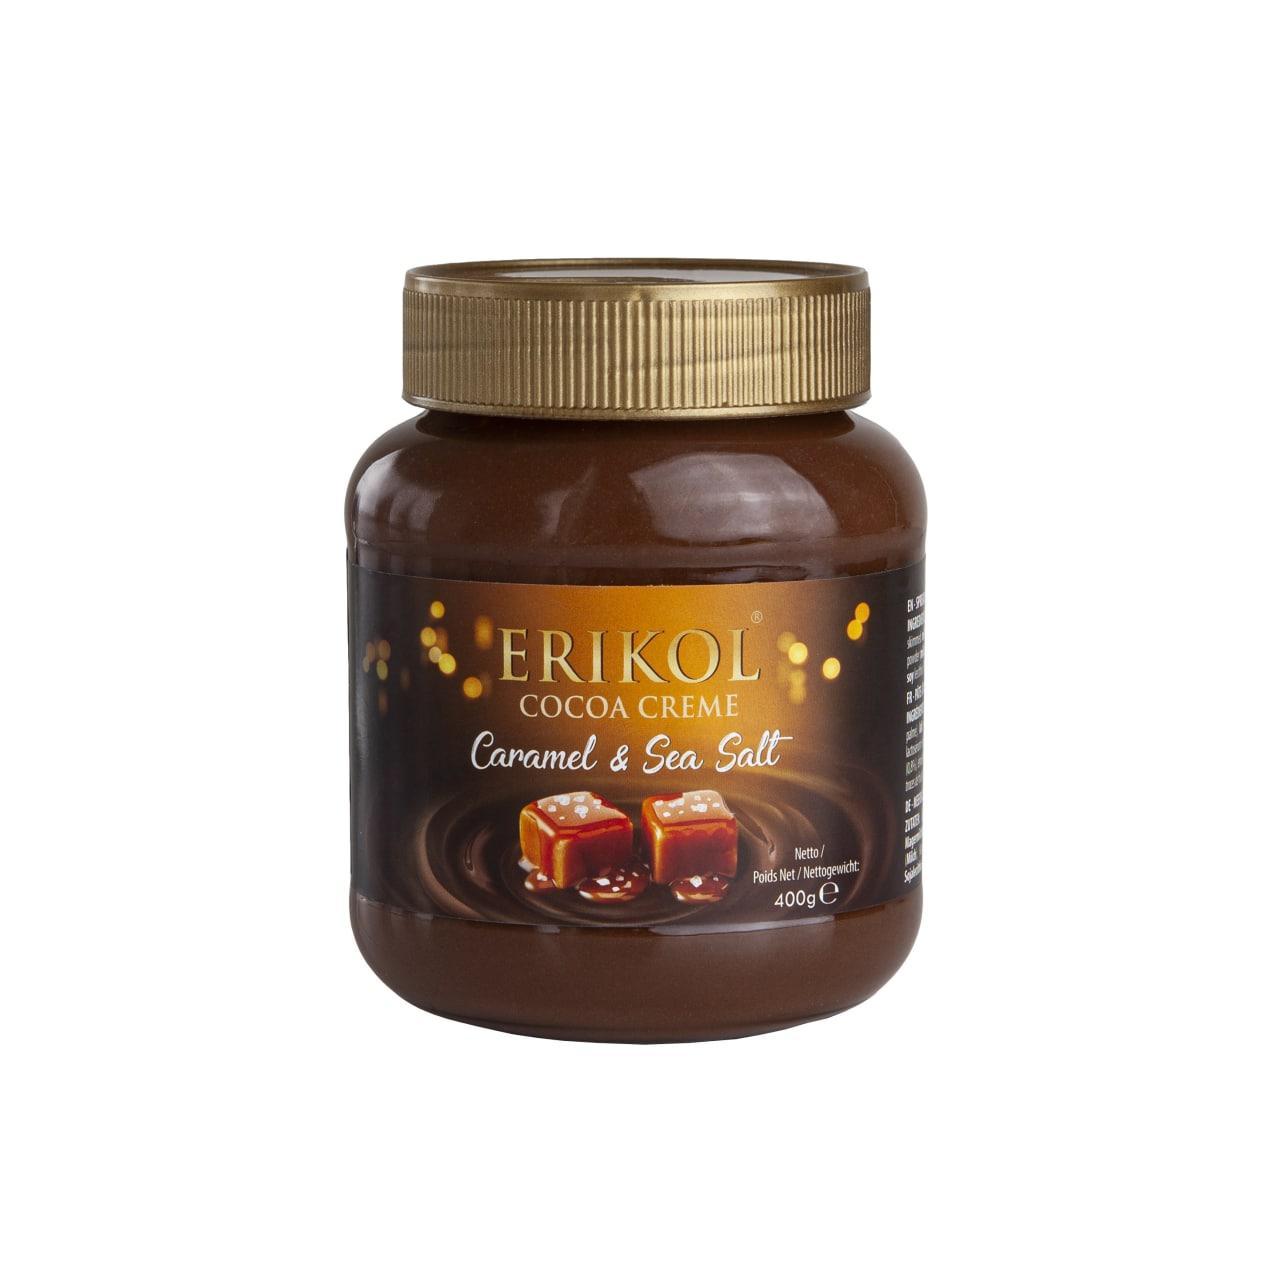 """Шоколадна паста з карамеллю і сіллю """"Erikol cocoa creme caramel sea salt"""" 400мл"""